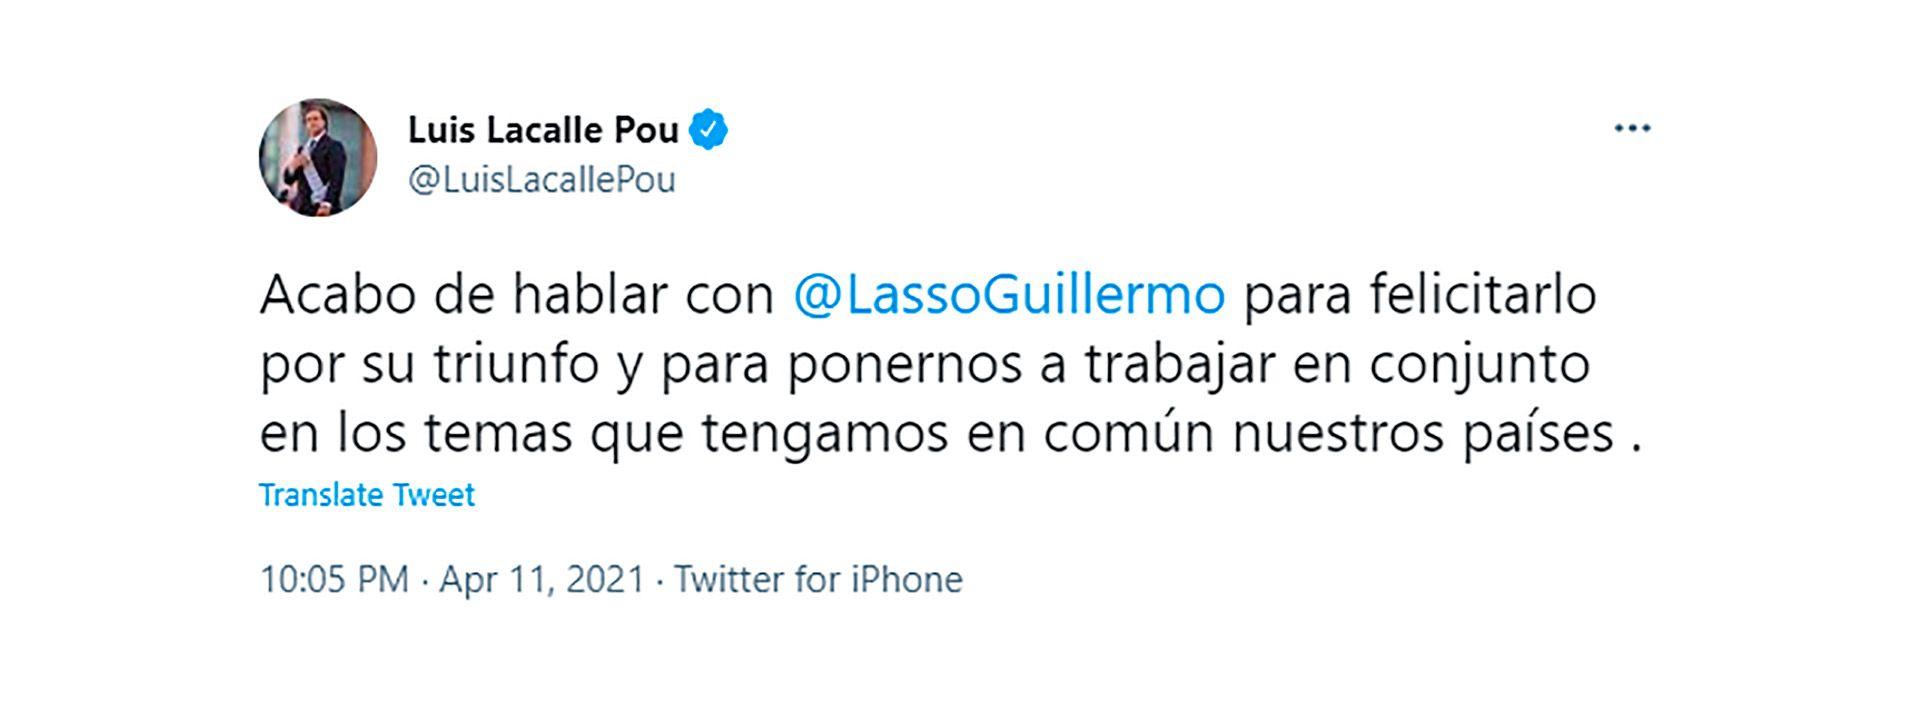 lacalle por uruguay ecuador guillermo lasso